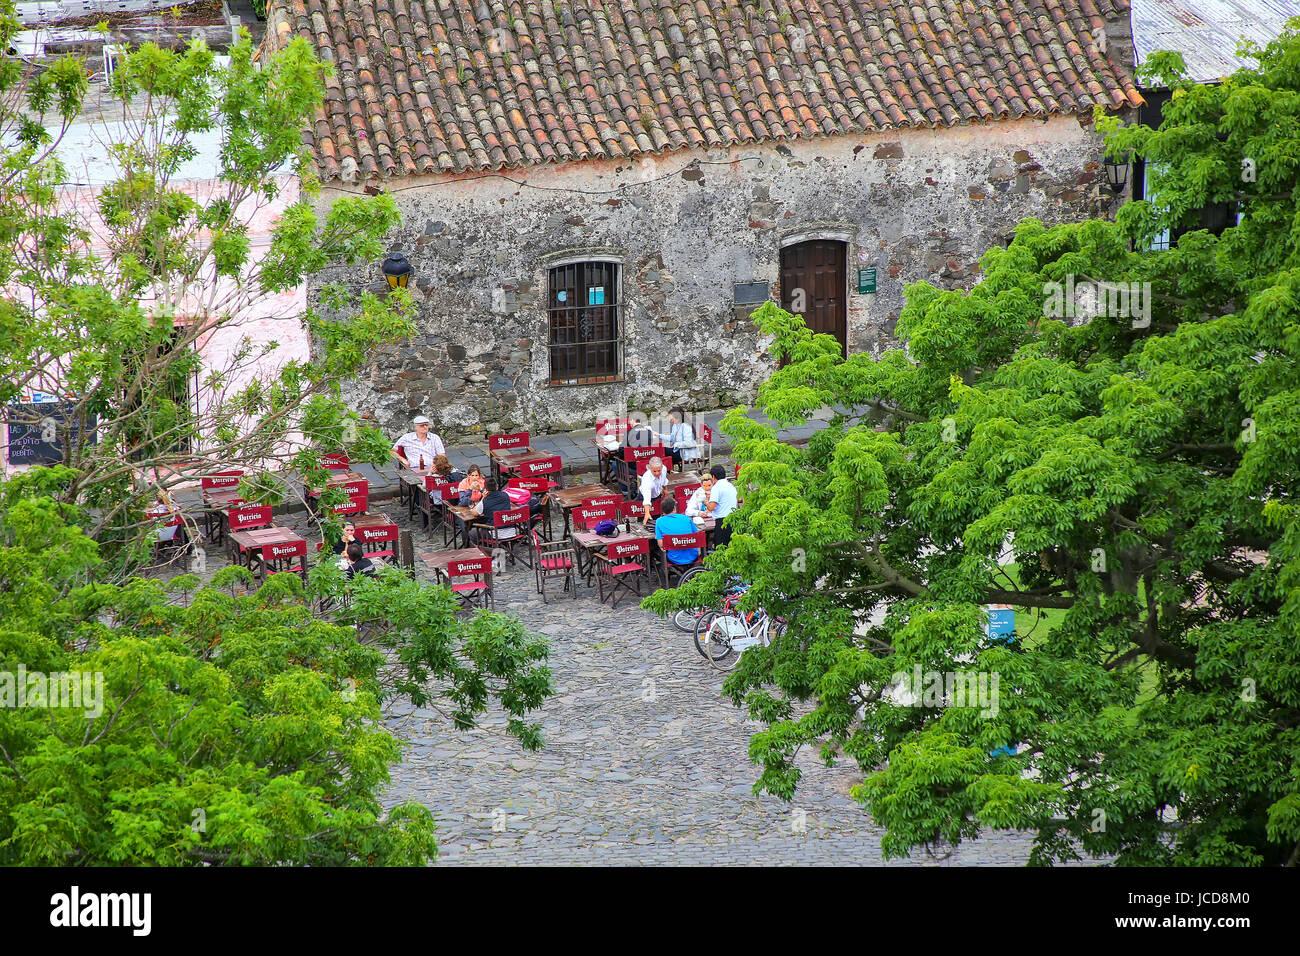 Street cafe nella Colonia del Sacramento, Uruguay. Si tratta di una delle più antiche città in Uruguay Immagini Stock